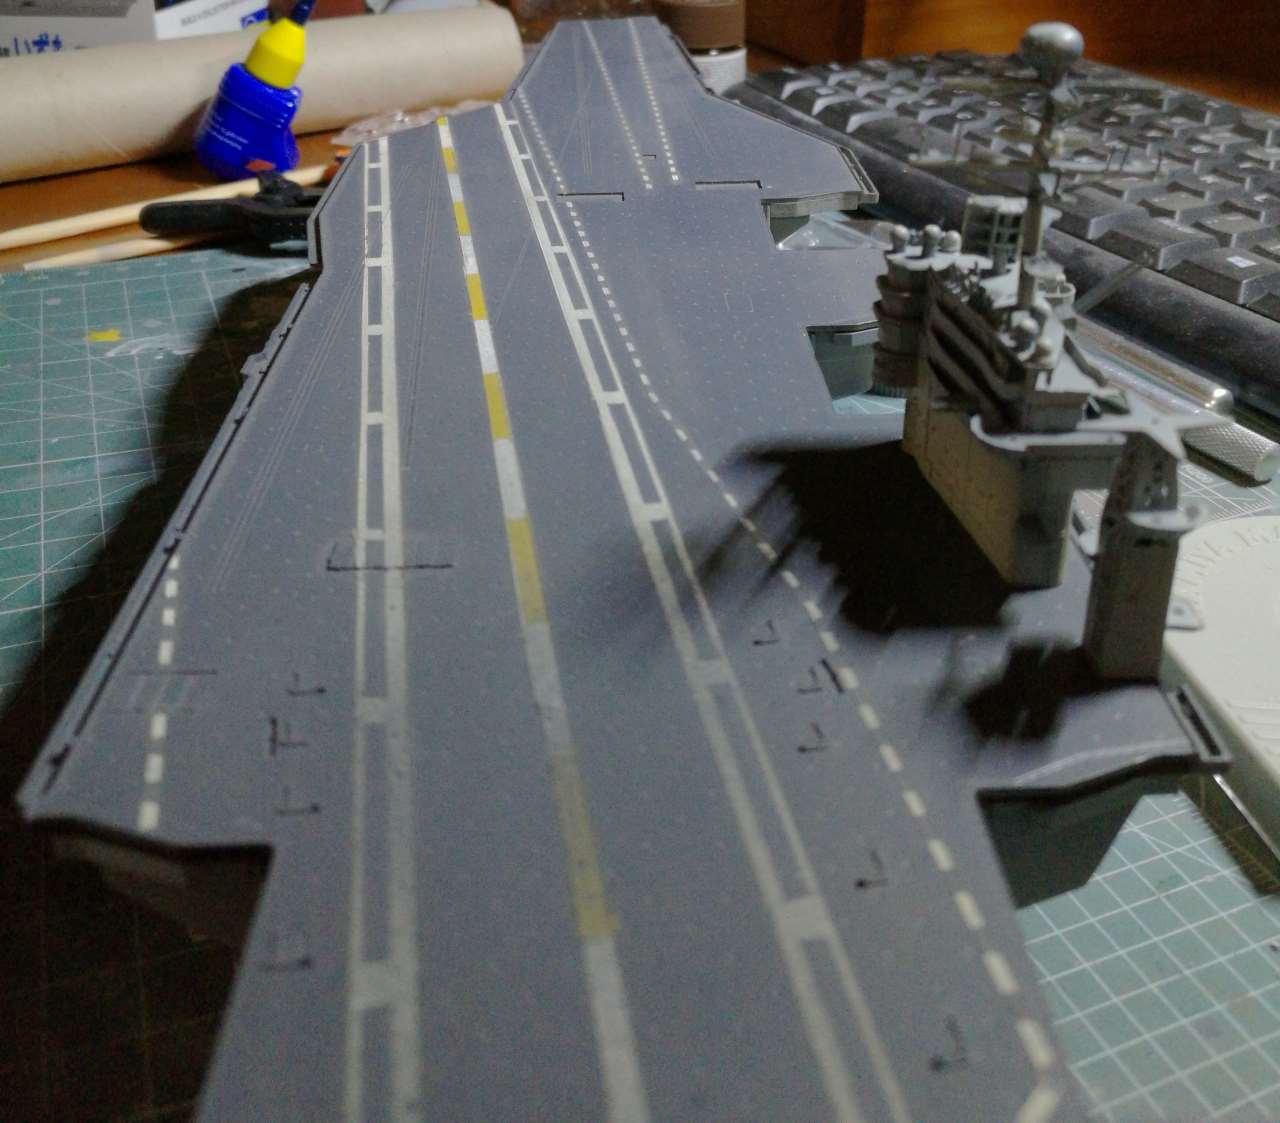 USS Theodore ROOSEVELT CVN-71 [Trumpeter 1/700] - Page 4 687427cvn7159